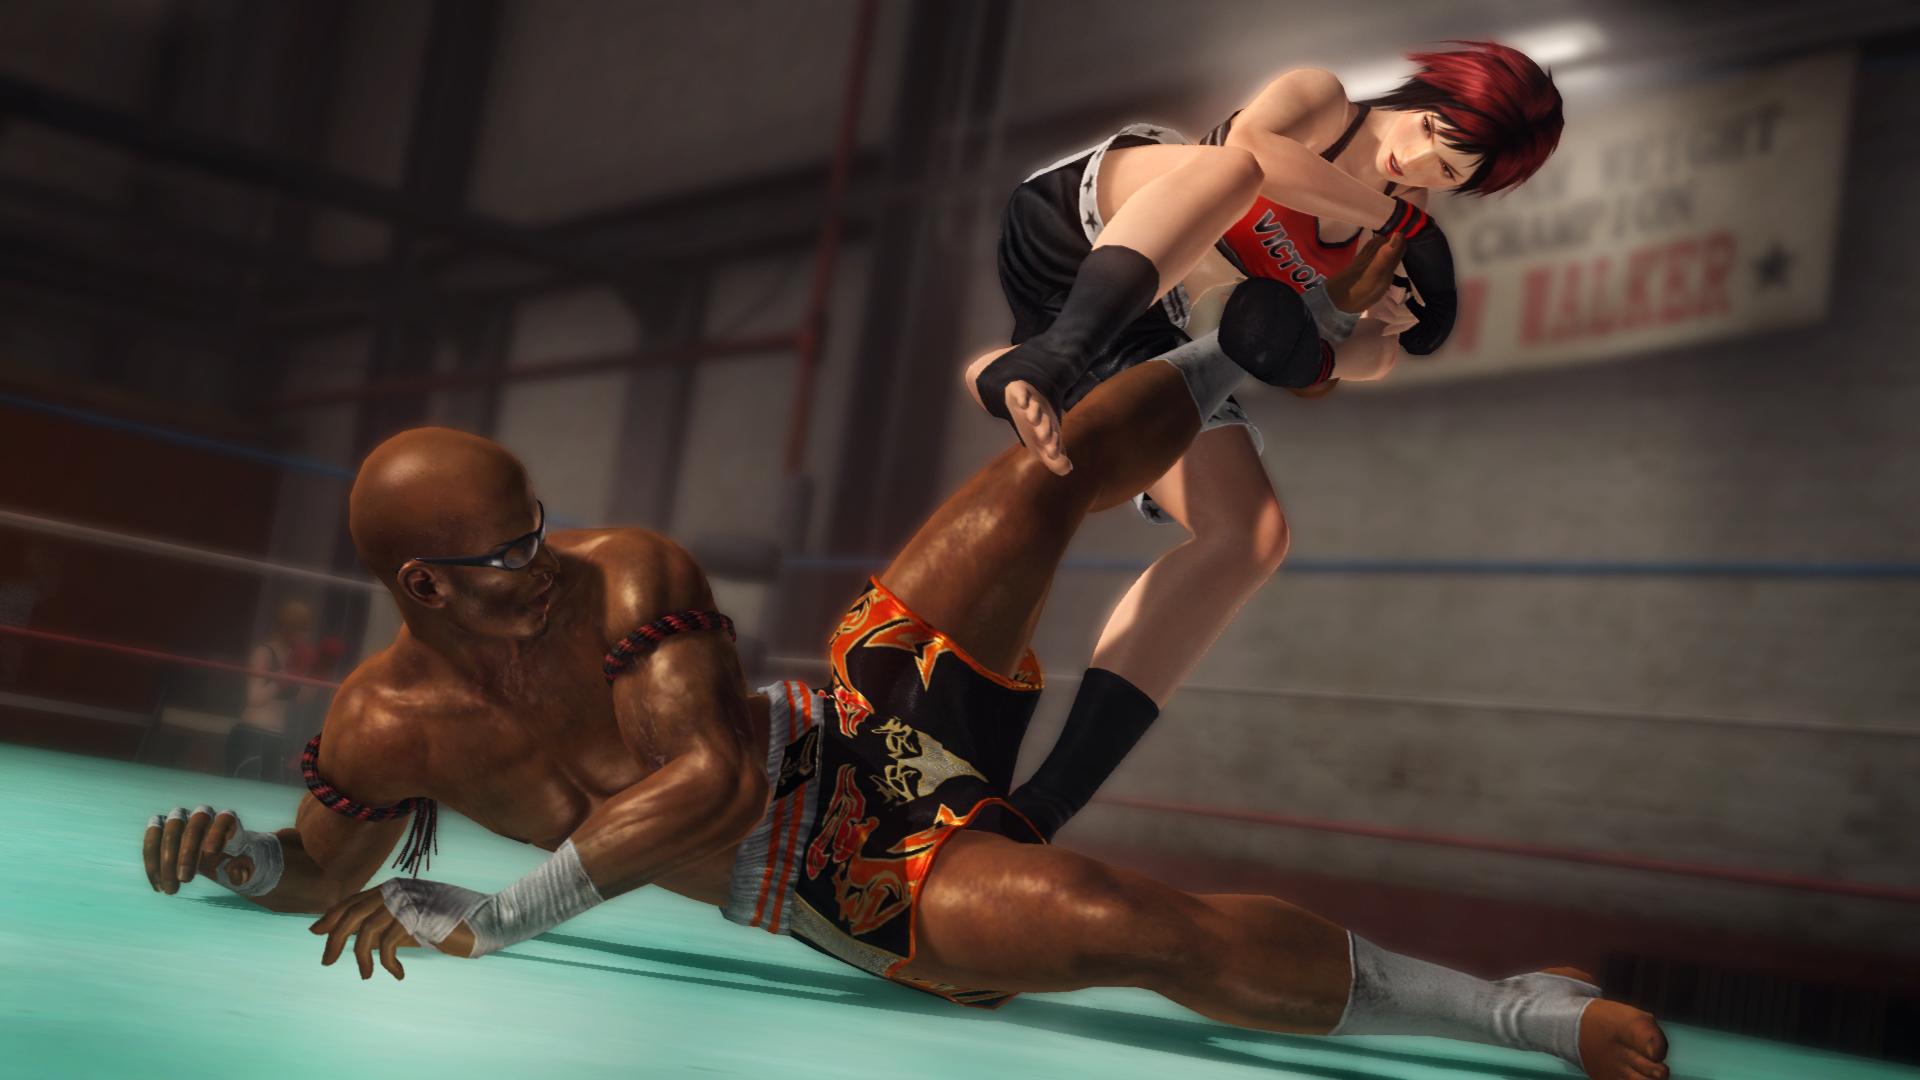 Mila vs Zack in Gym 1